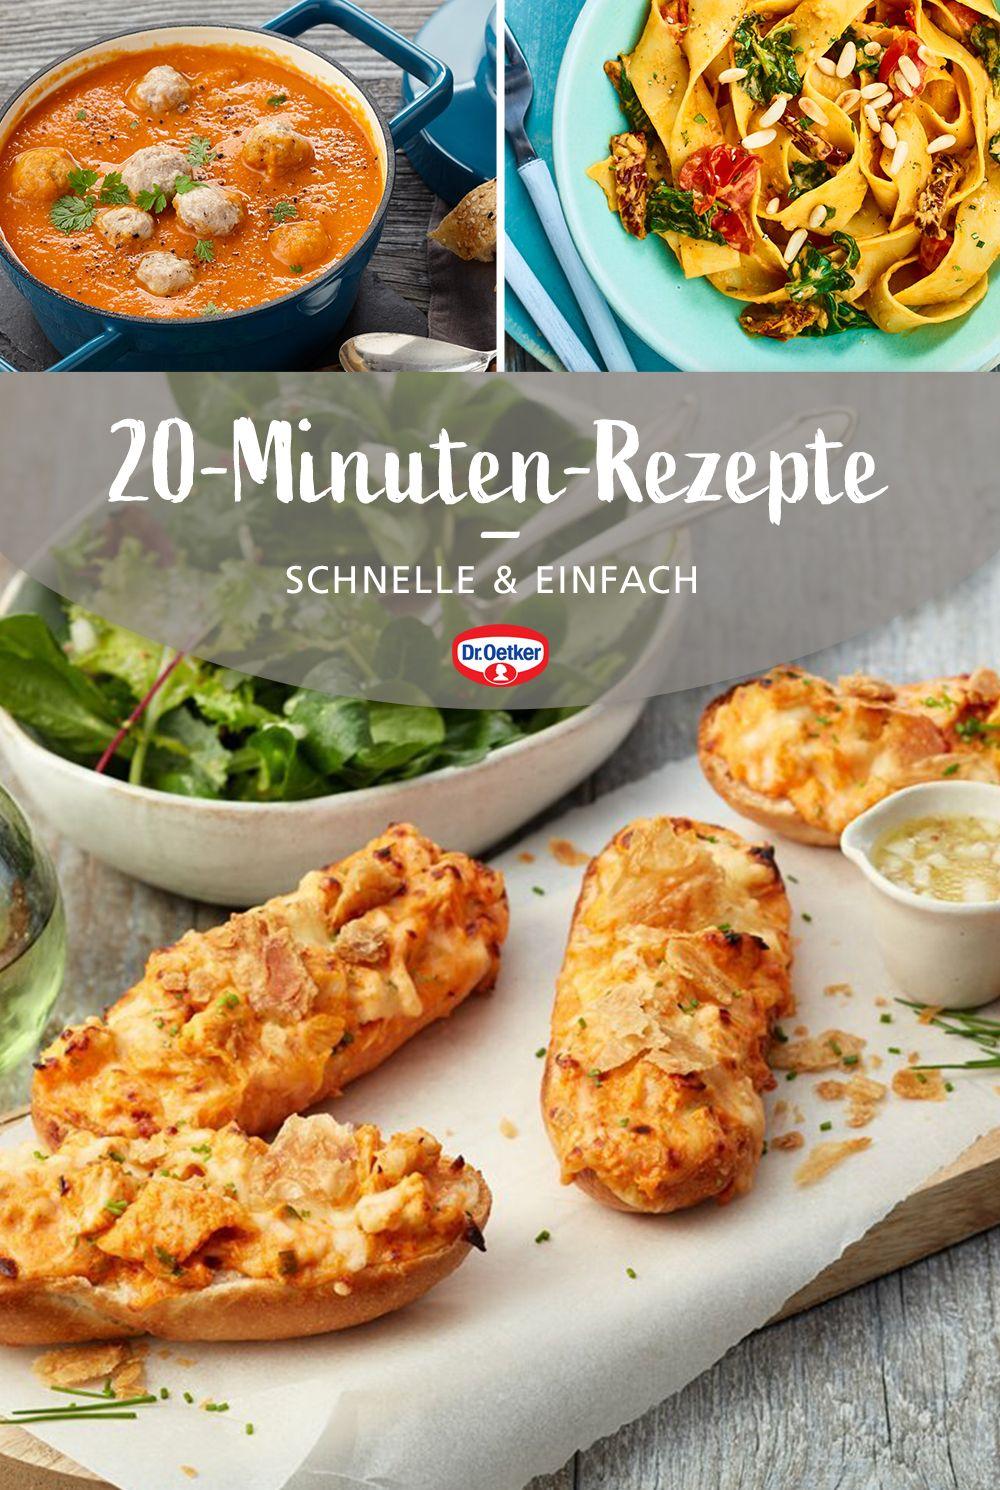 24ba6ec5f7145d77235f9565efa791ae - Rezepte Schnelle